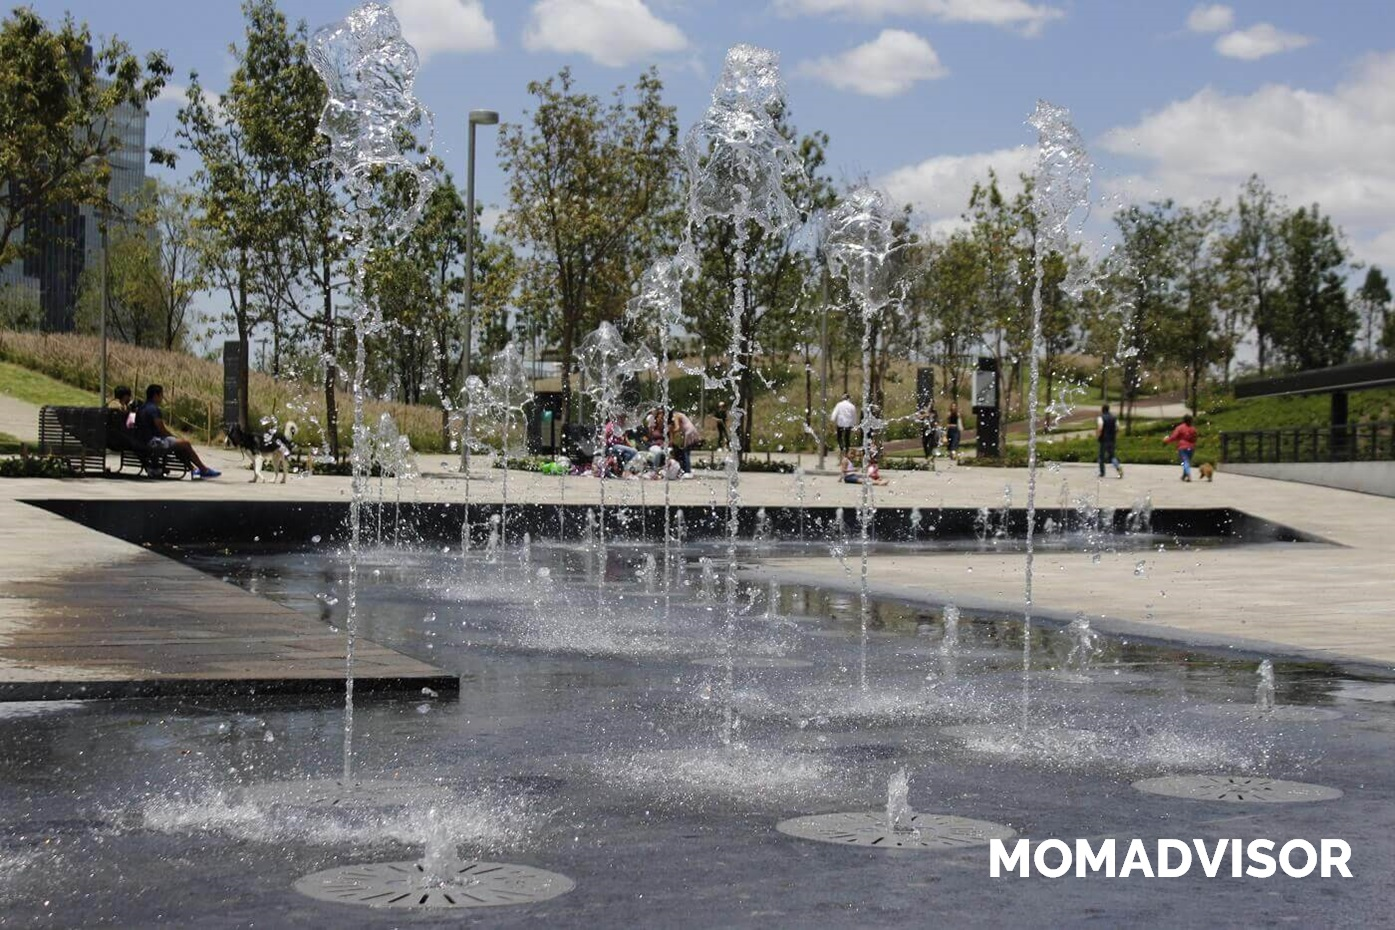 parque-la-mexicana-fuentes-momadvisor-logo